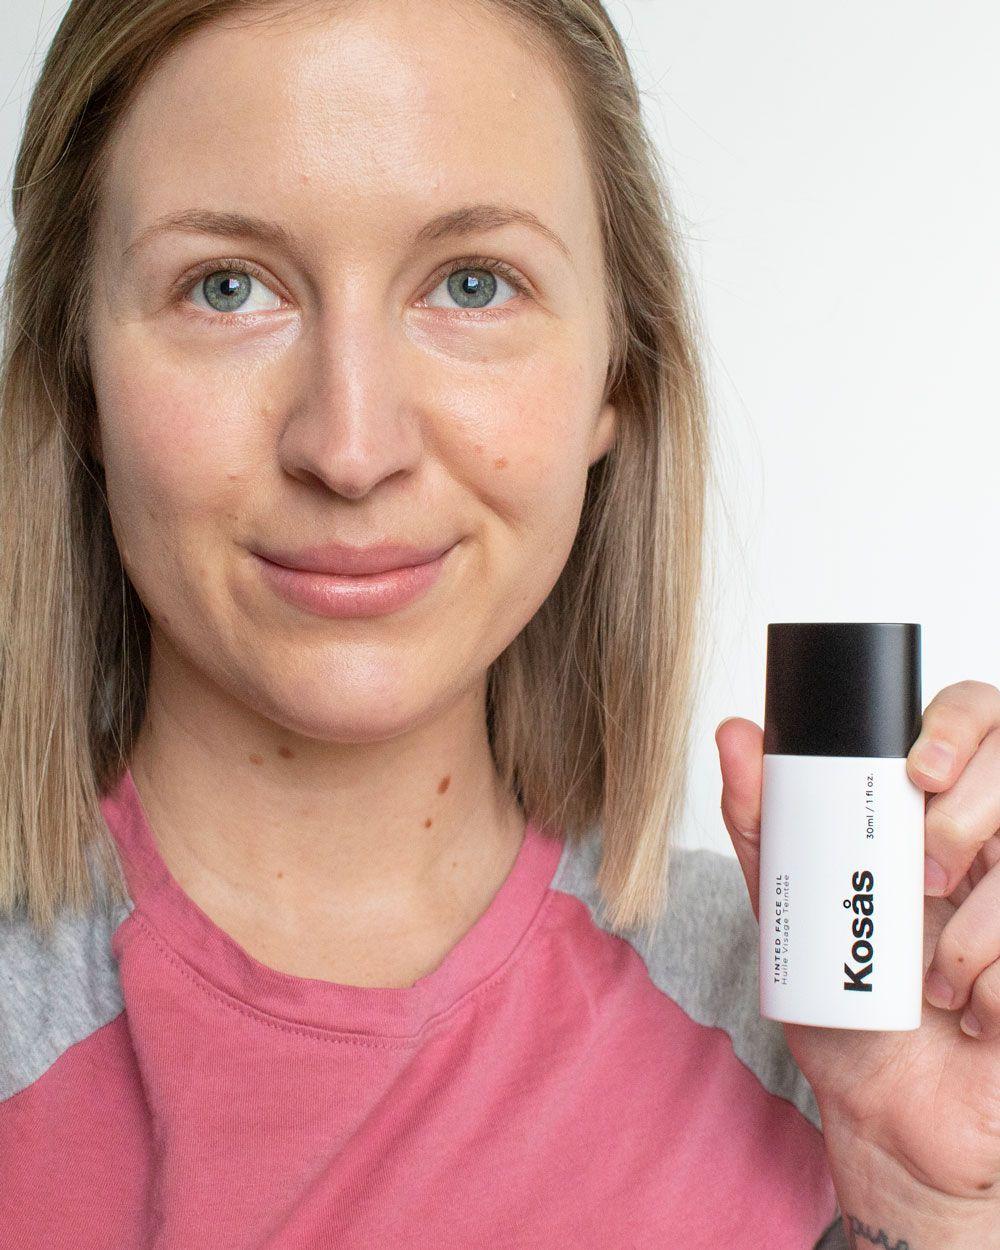 Kosas Tinted Face Oil Shade 3.5